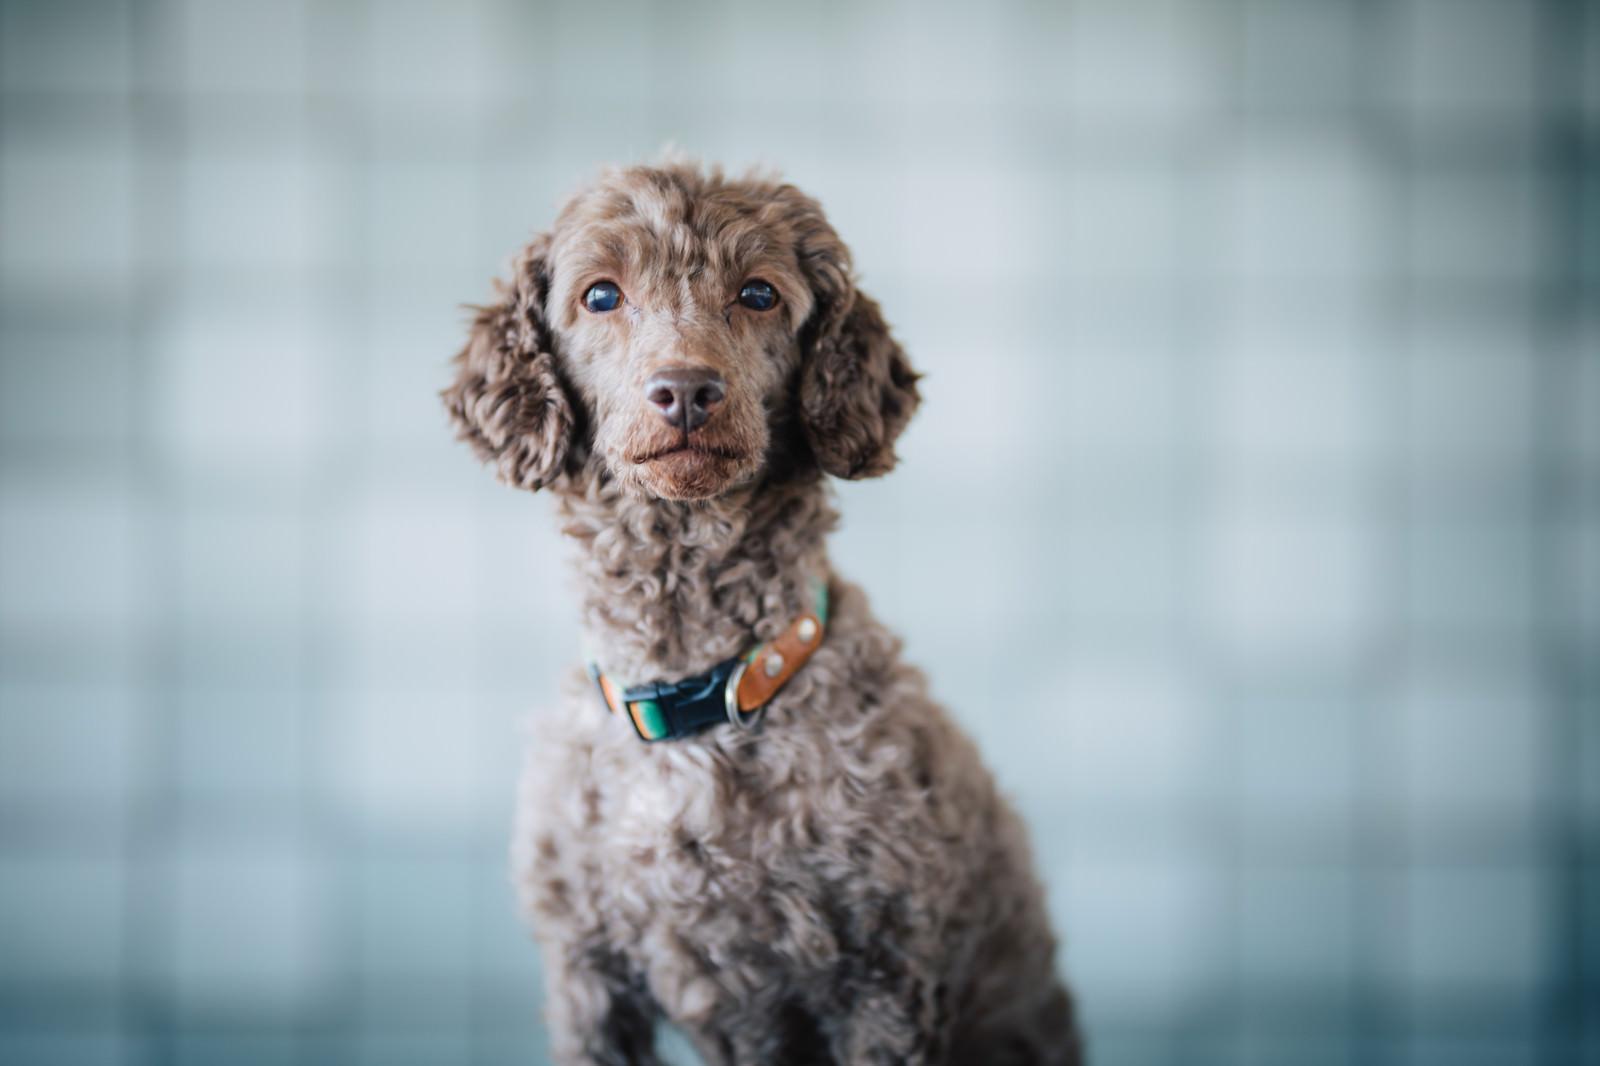 「飼い主の帰りを待つわんこ飼い主の帰りを待つわんこ」のフリー写真素材を拡大